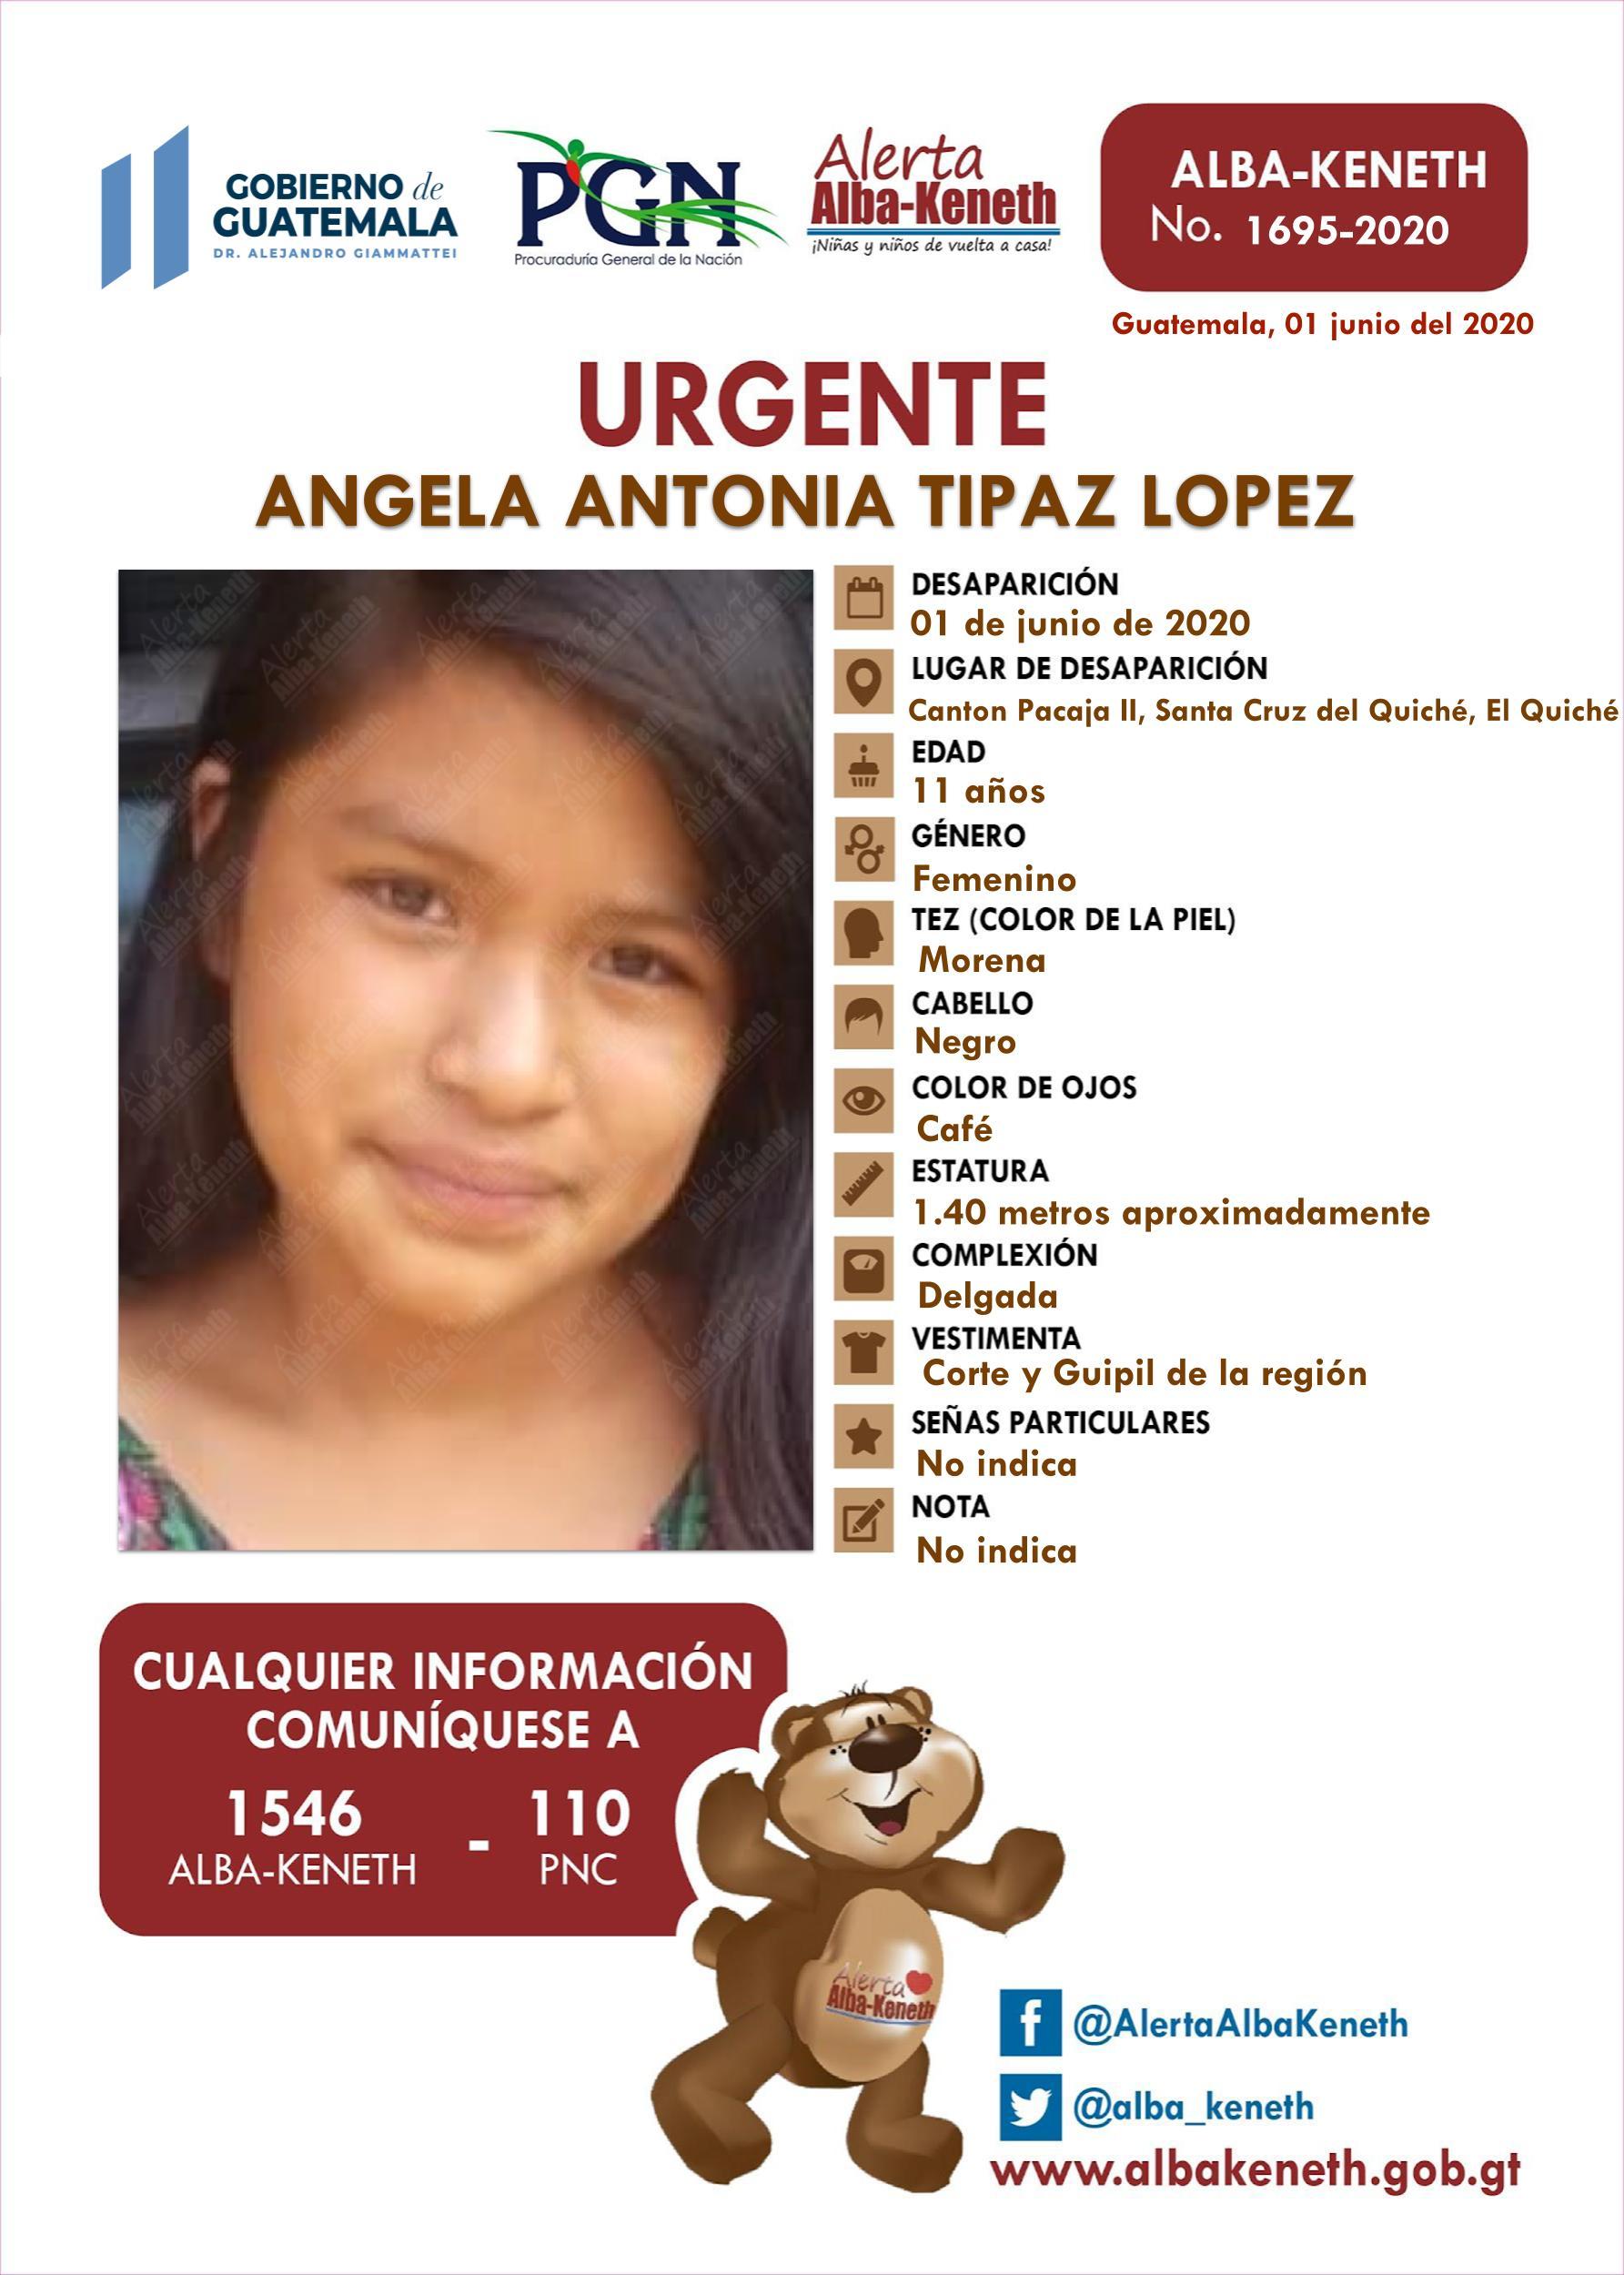 Angela Antonia Tipaz Lopez